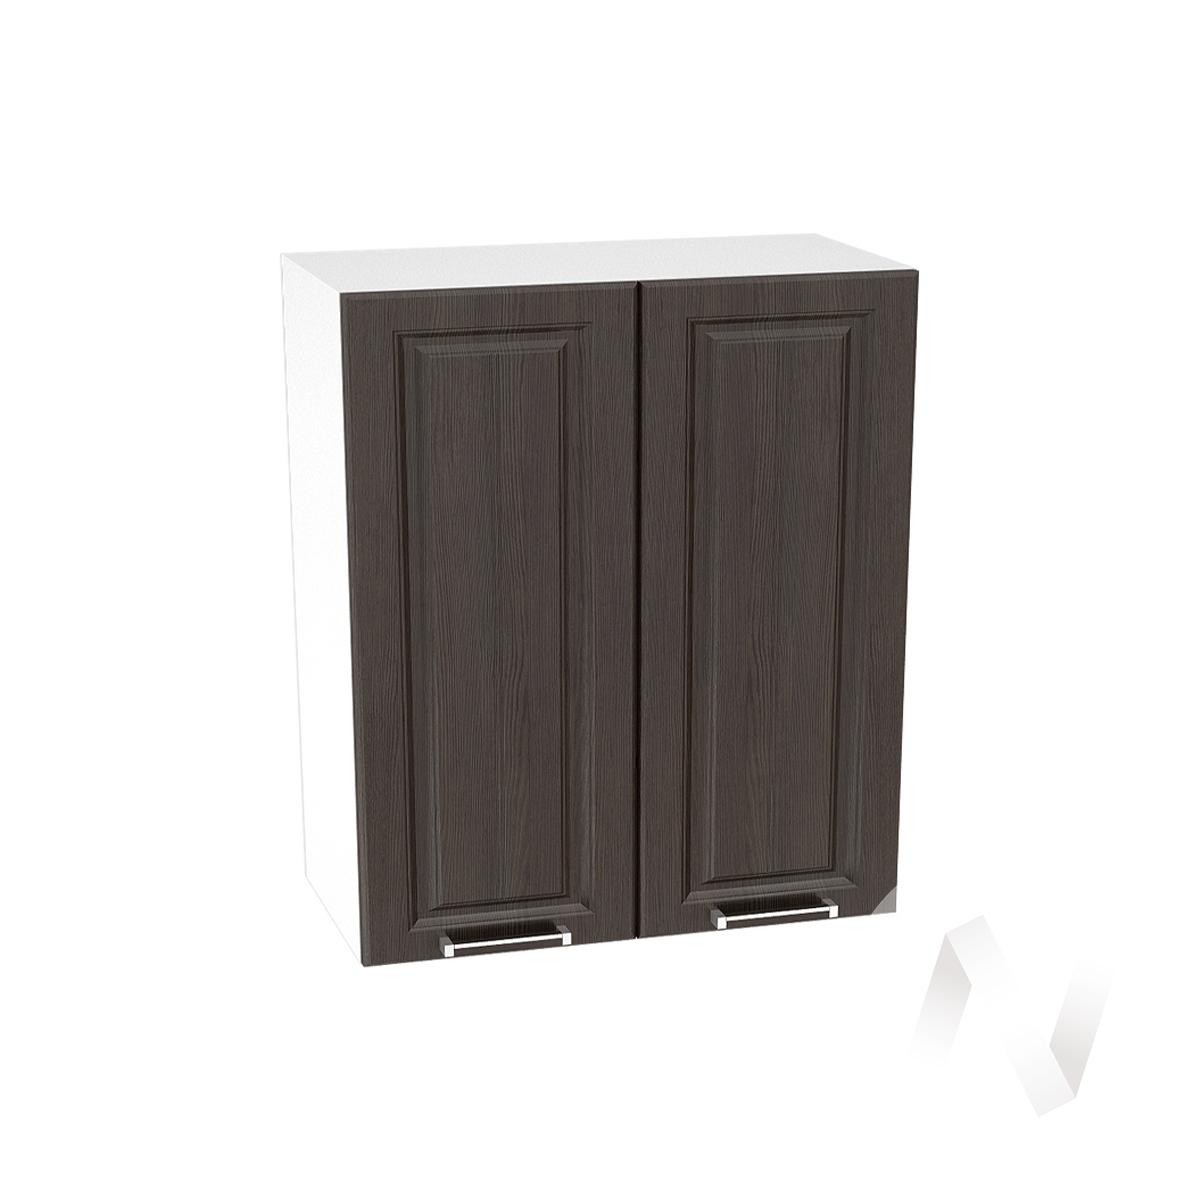 """Кухня """"Прага"""": Шкаф верхний 600, ШВ 600 новый (венге/корпус белый)"""